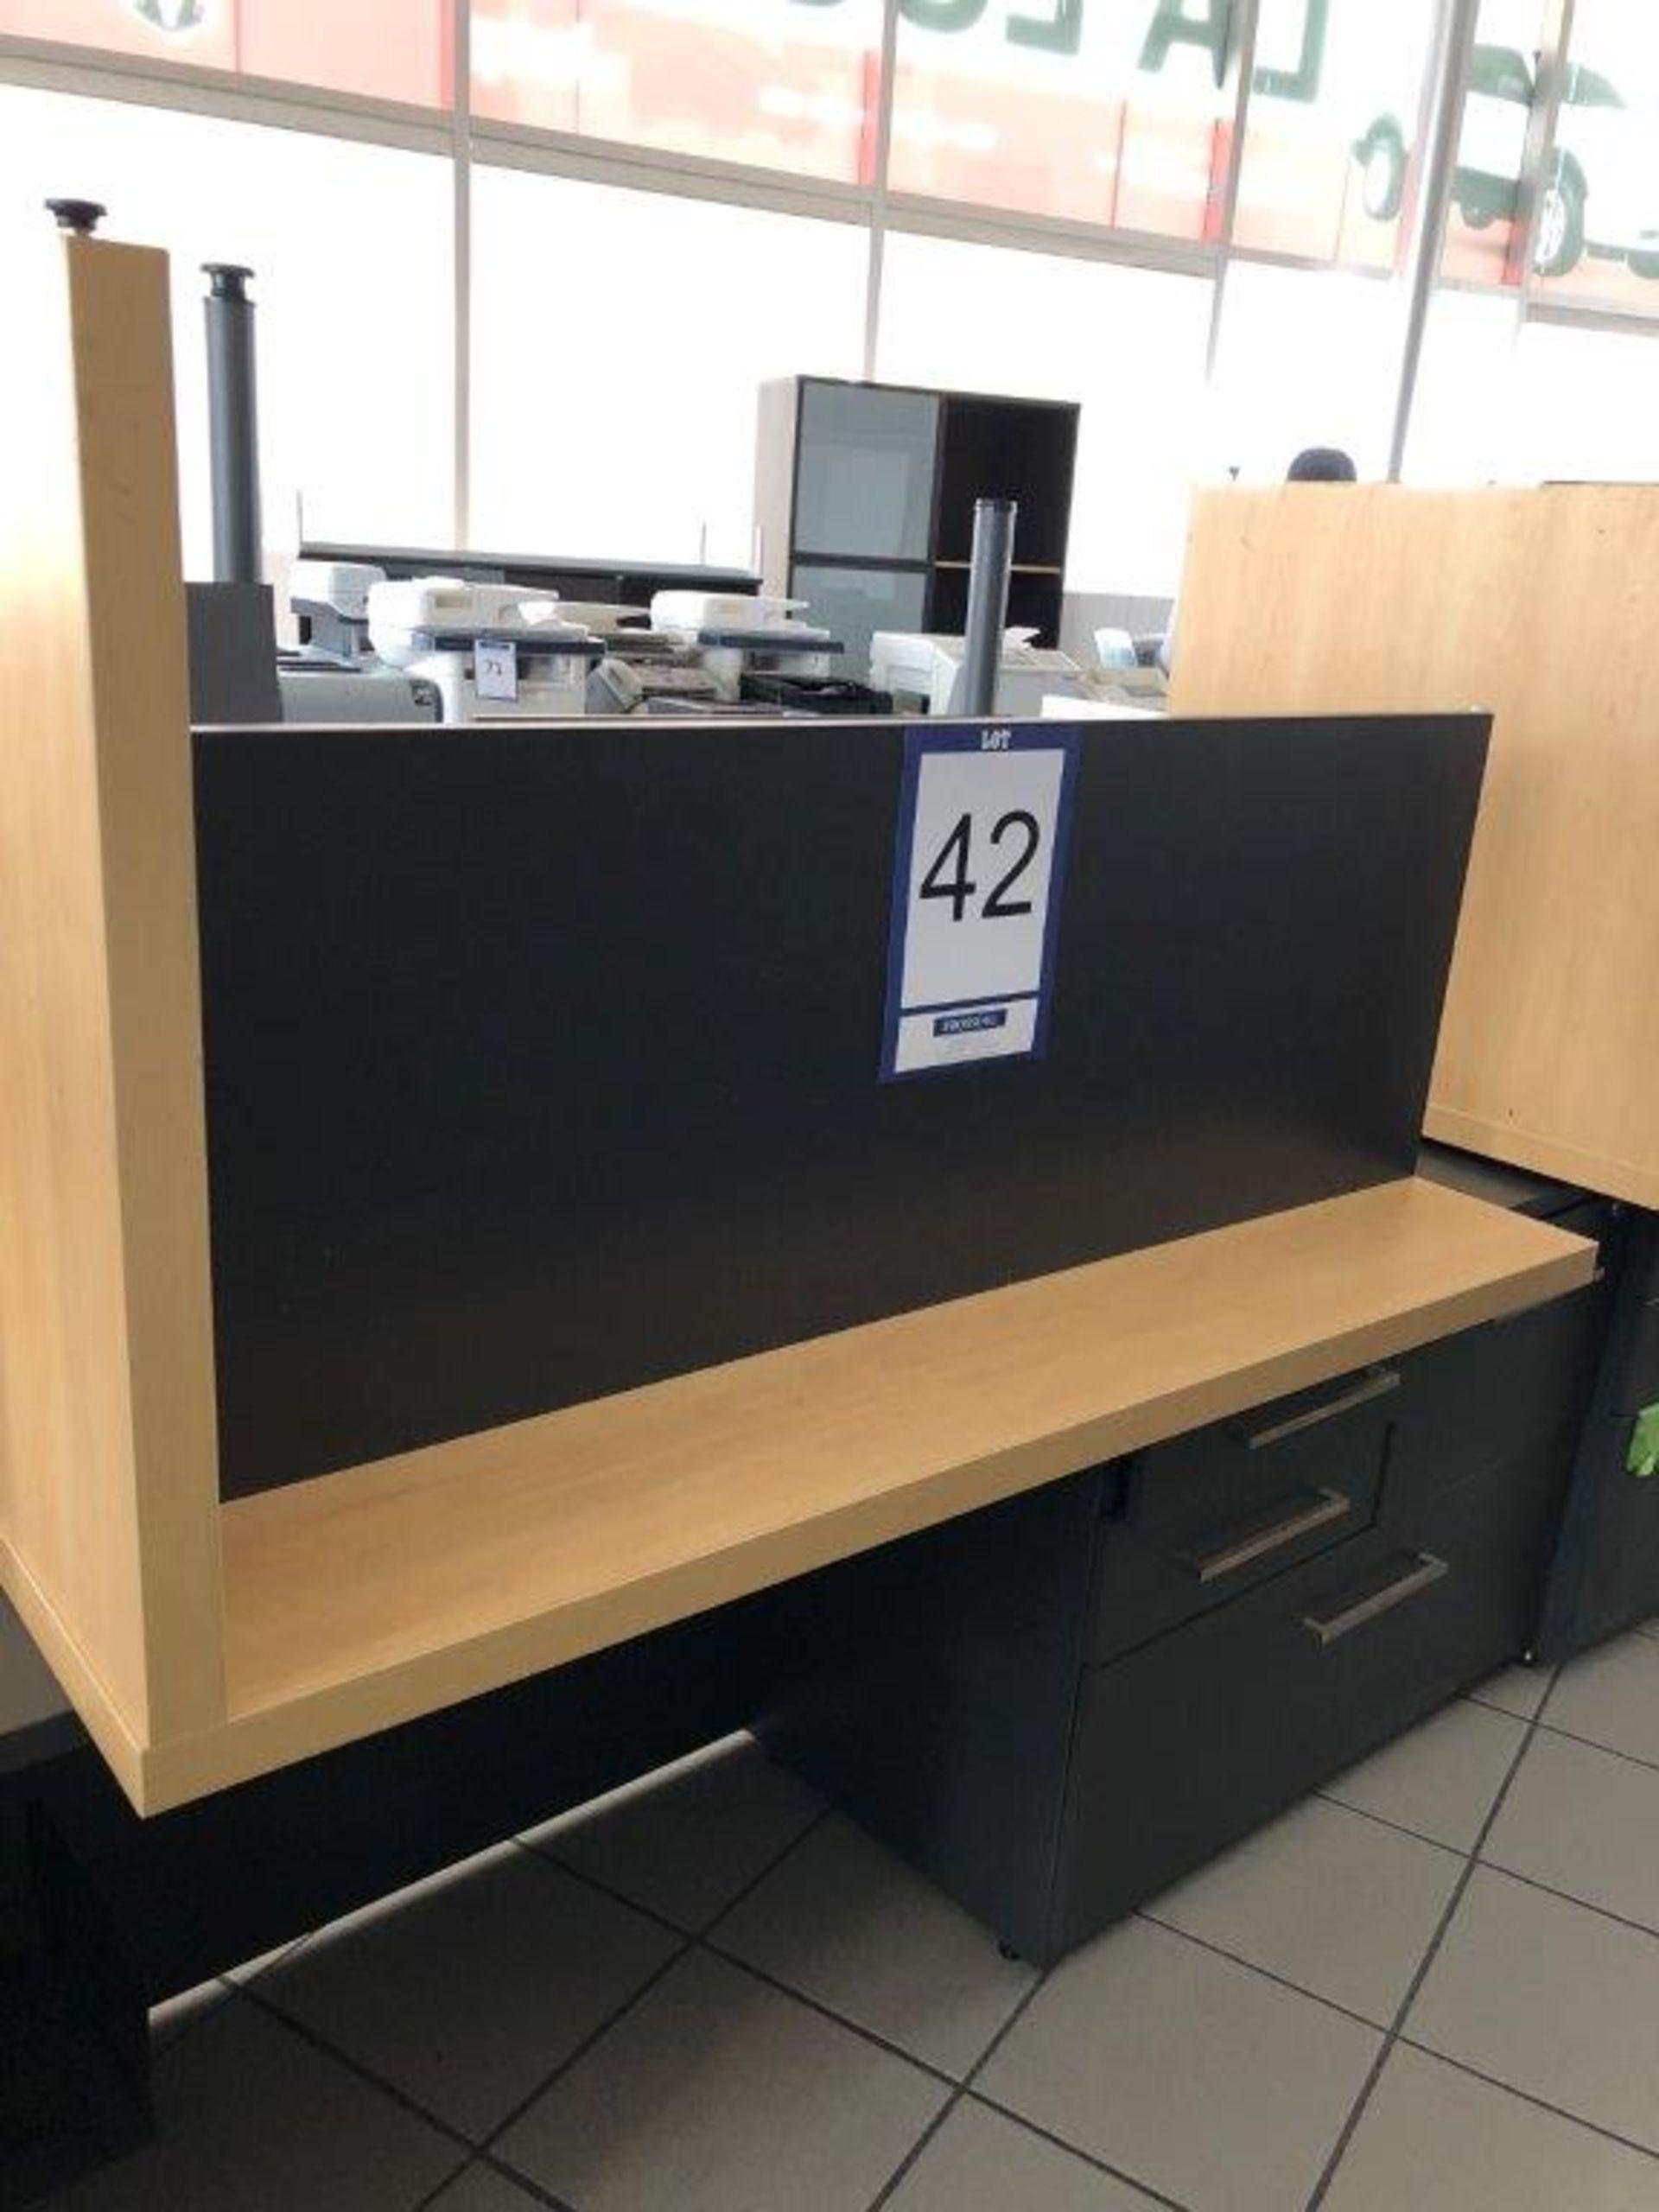 Lot 42 - Bureau avec retour, tiroir pour clavier et cabinet 4 tiroirs